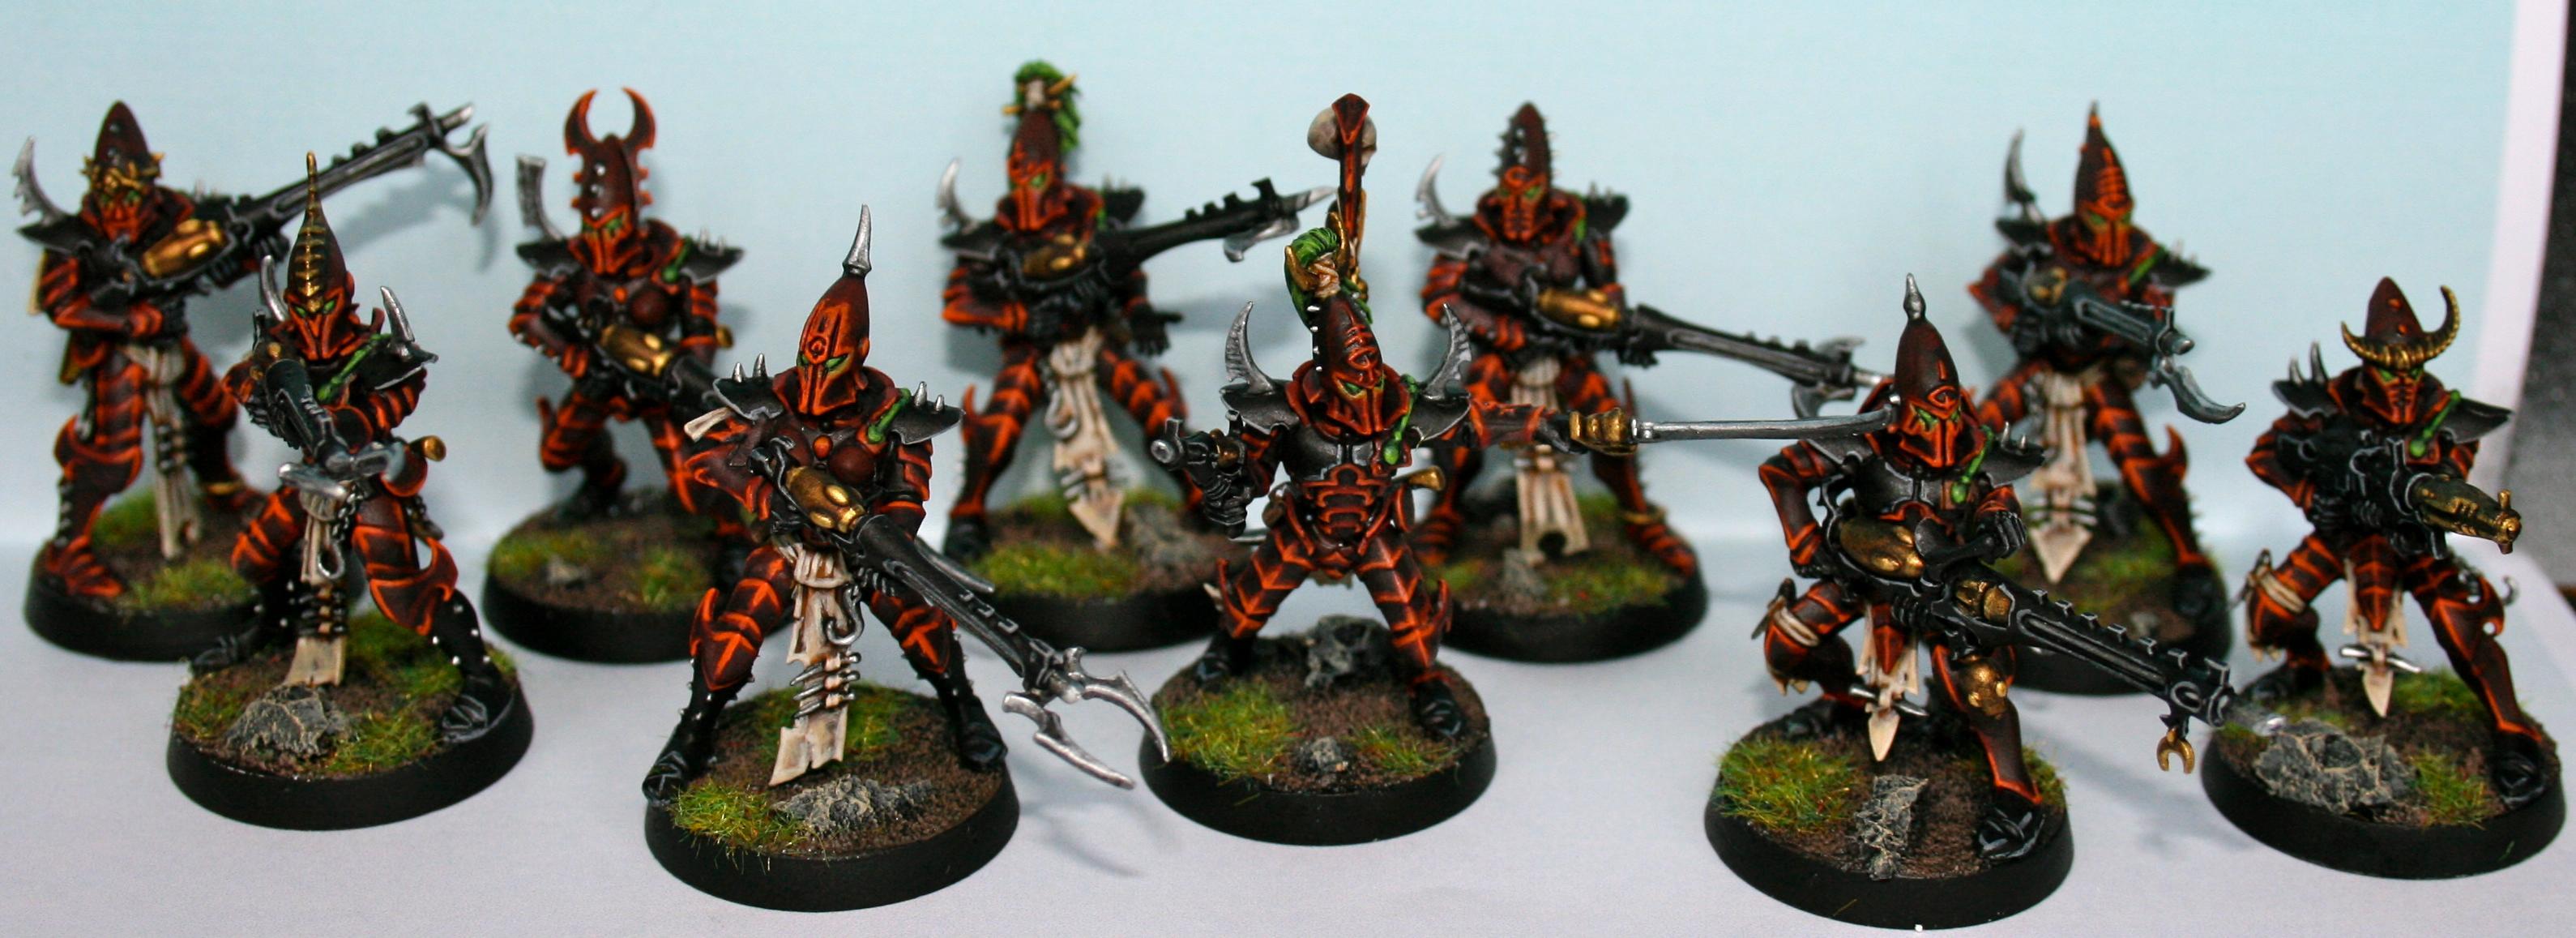 Dark Eldar, Kabalite Warriors